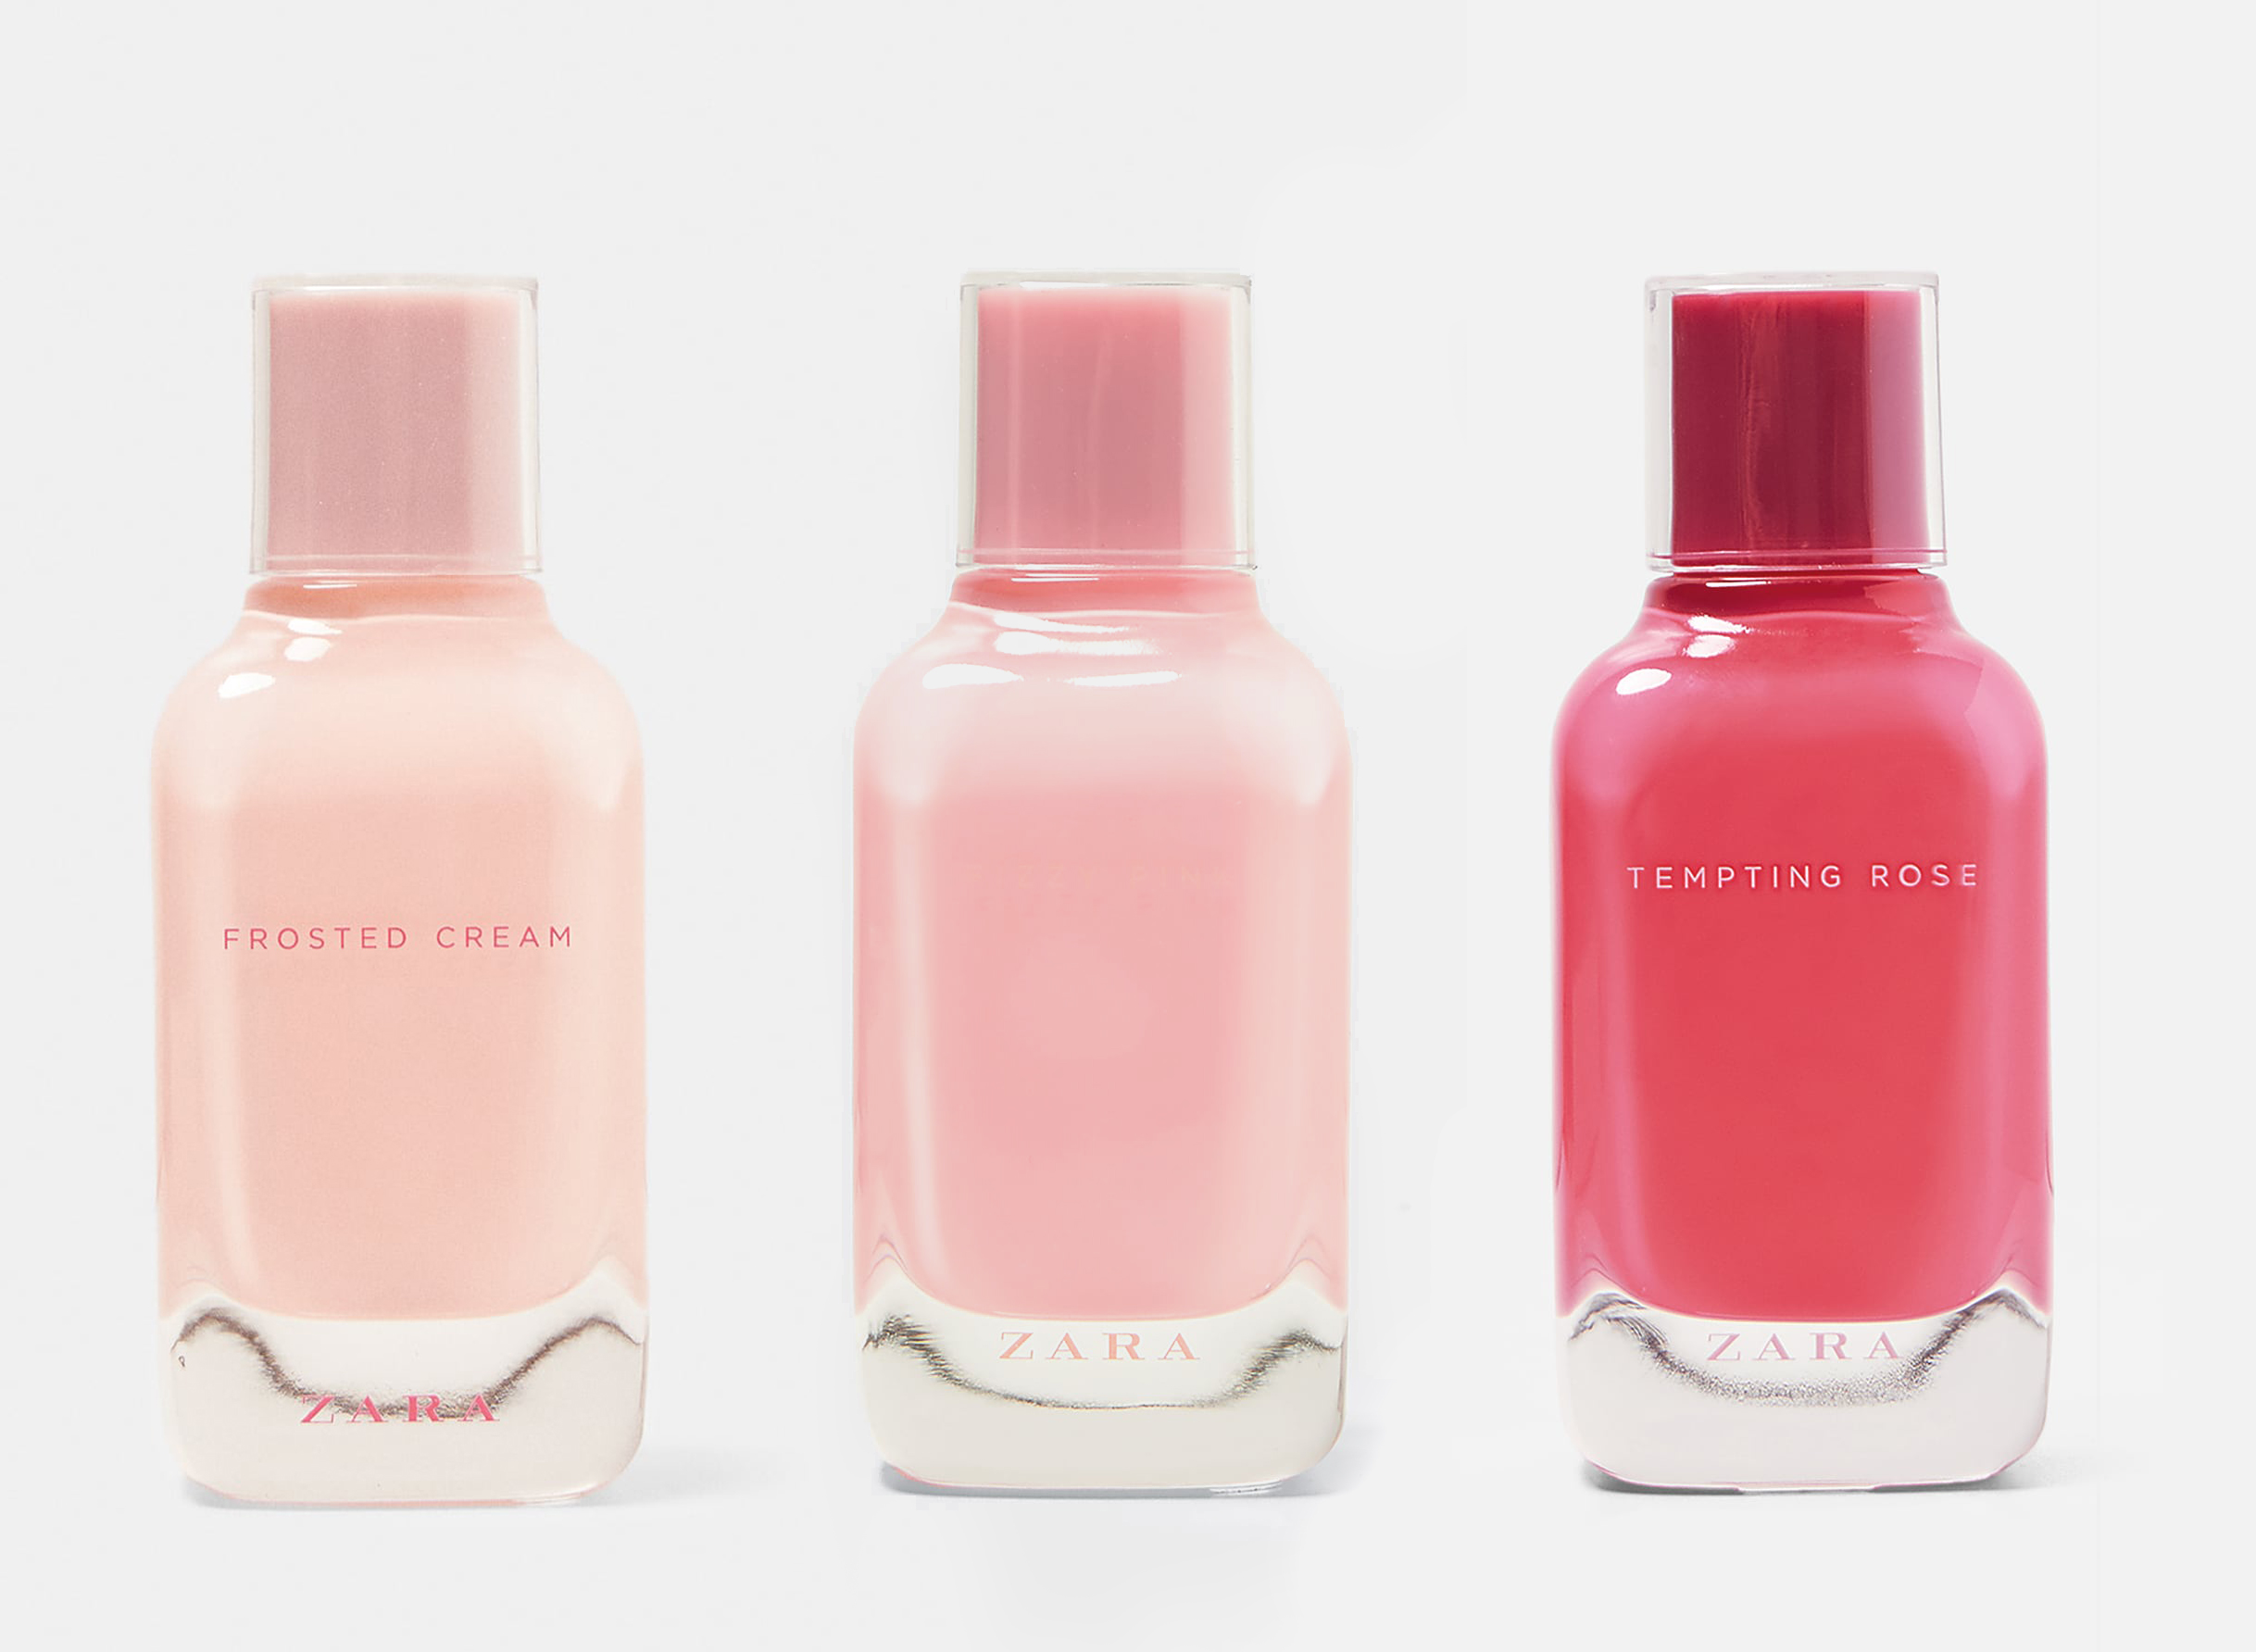 zara perfume fizzy pink